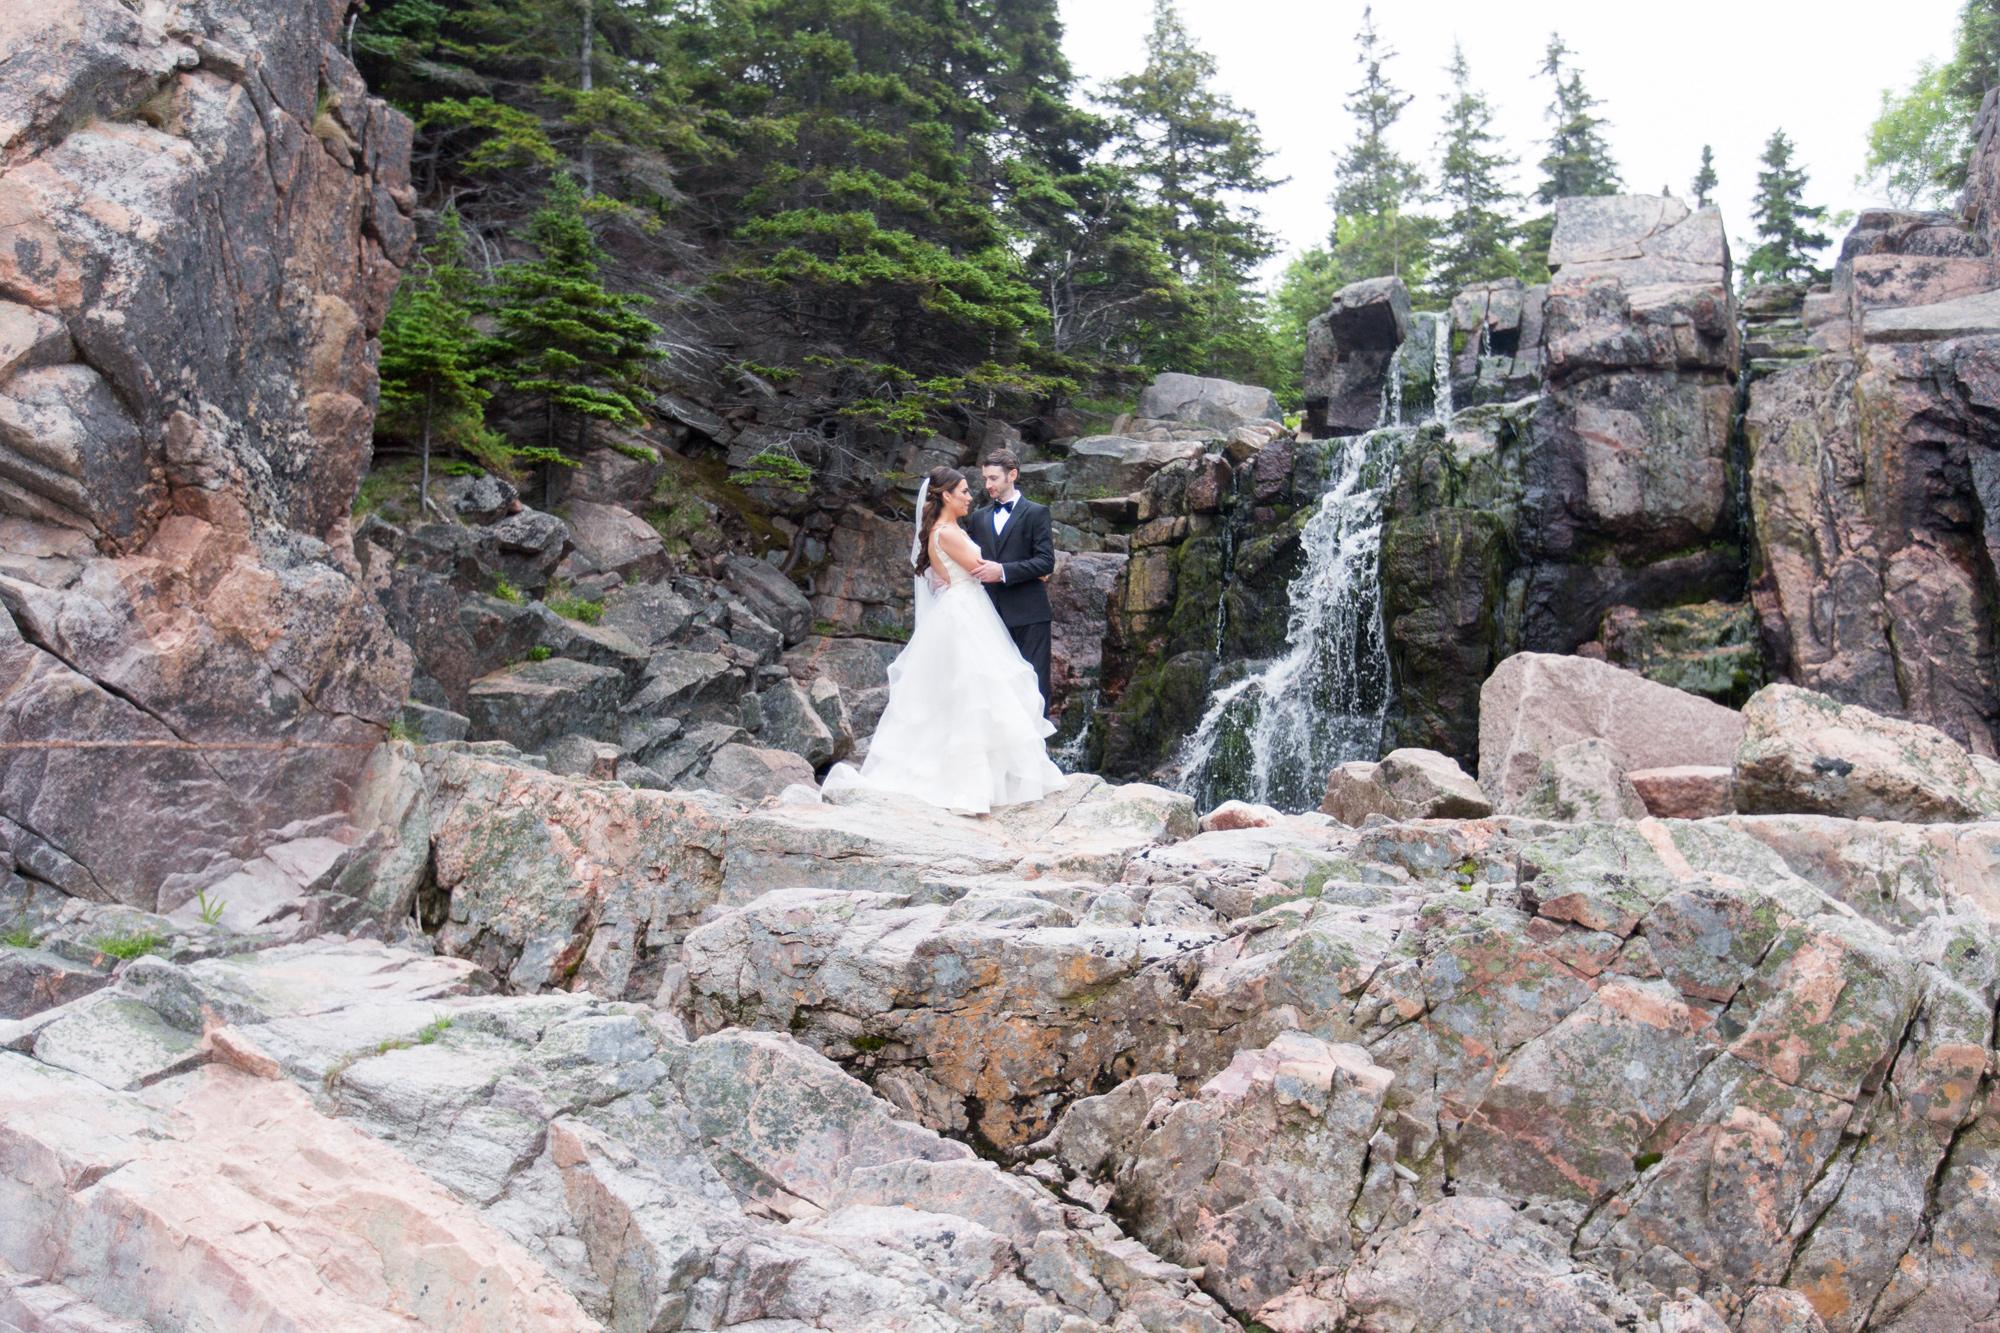 465-halifax-waterfall-wedding-.jpg